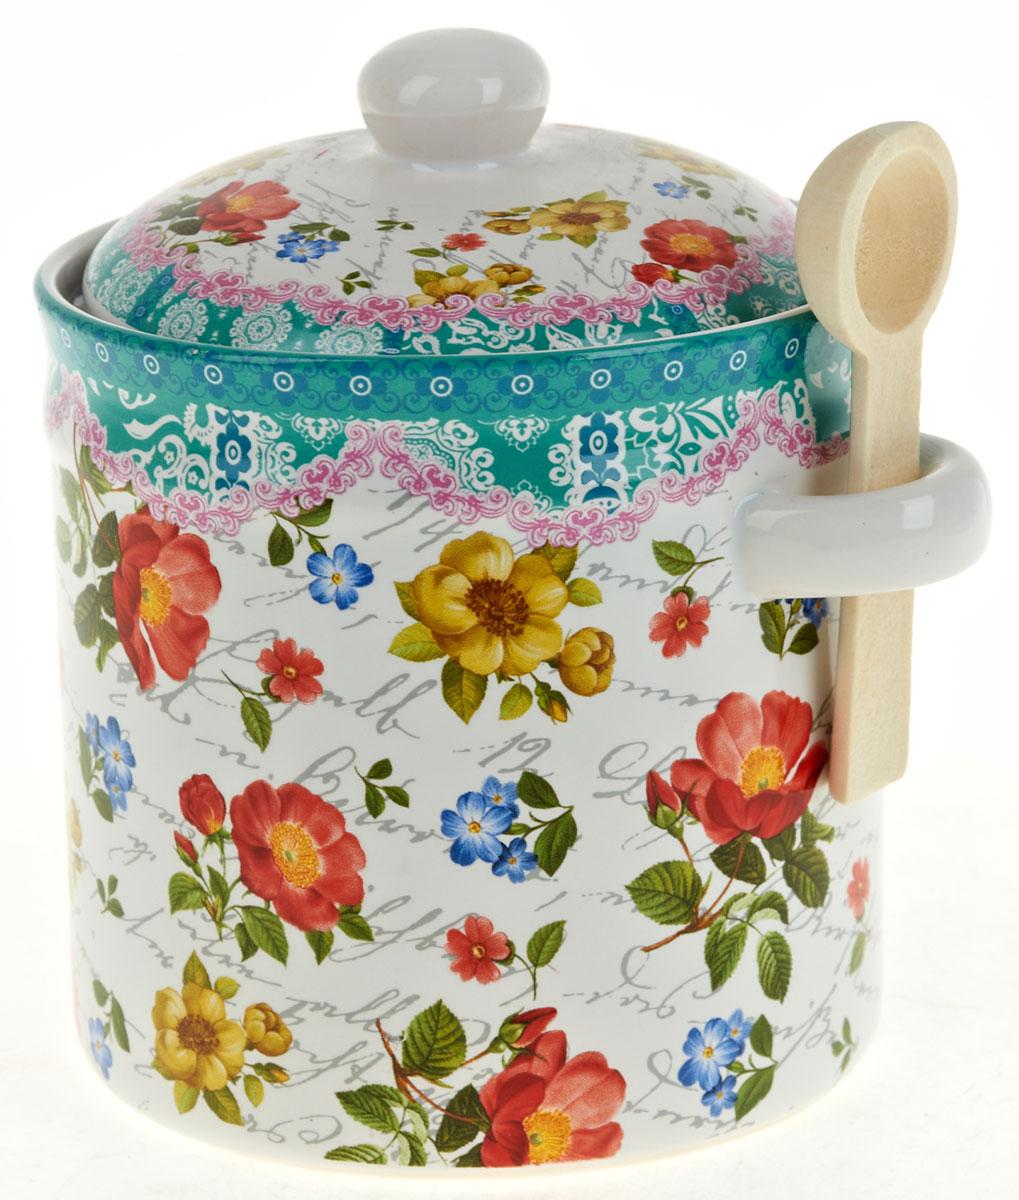 Банка для сыпучих продуктов Nouvelle De France Цветочная поэма, с ложкой, 700 мл0660110Баночка для специй 700 мл, с крышкой и деревянной ложечкой. Изготовлена из керамики. Будет уместна в любом интерьере. Изделие упаковано в подарочную коробку.